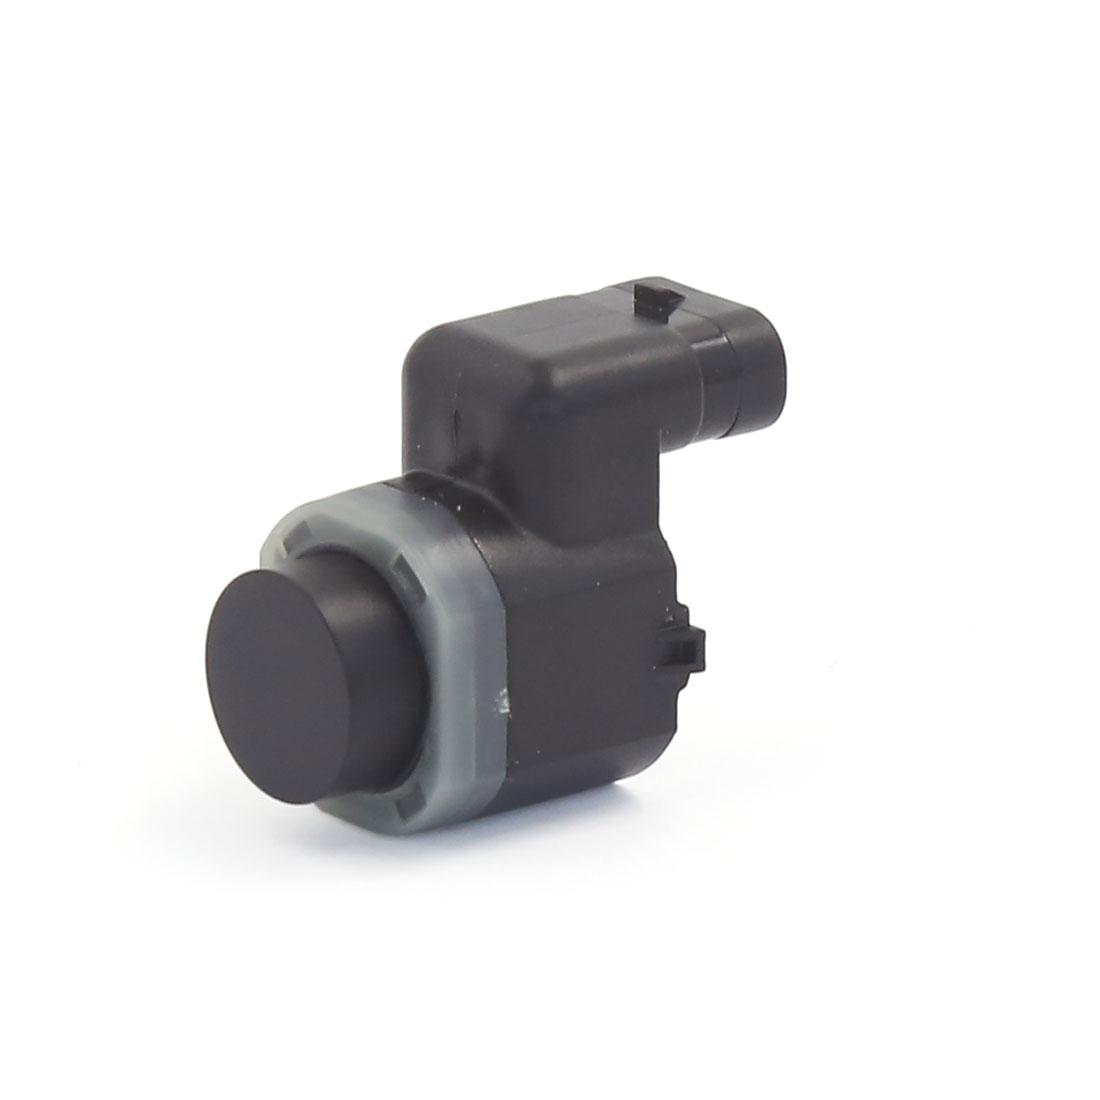 PCD Parking Sensor for BMW F01 F01N F02 F04 F06 F07 F10 F10N F12 F13 F25